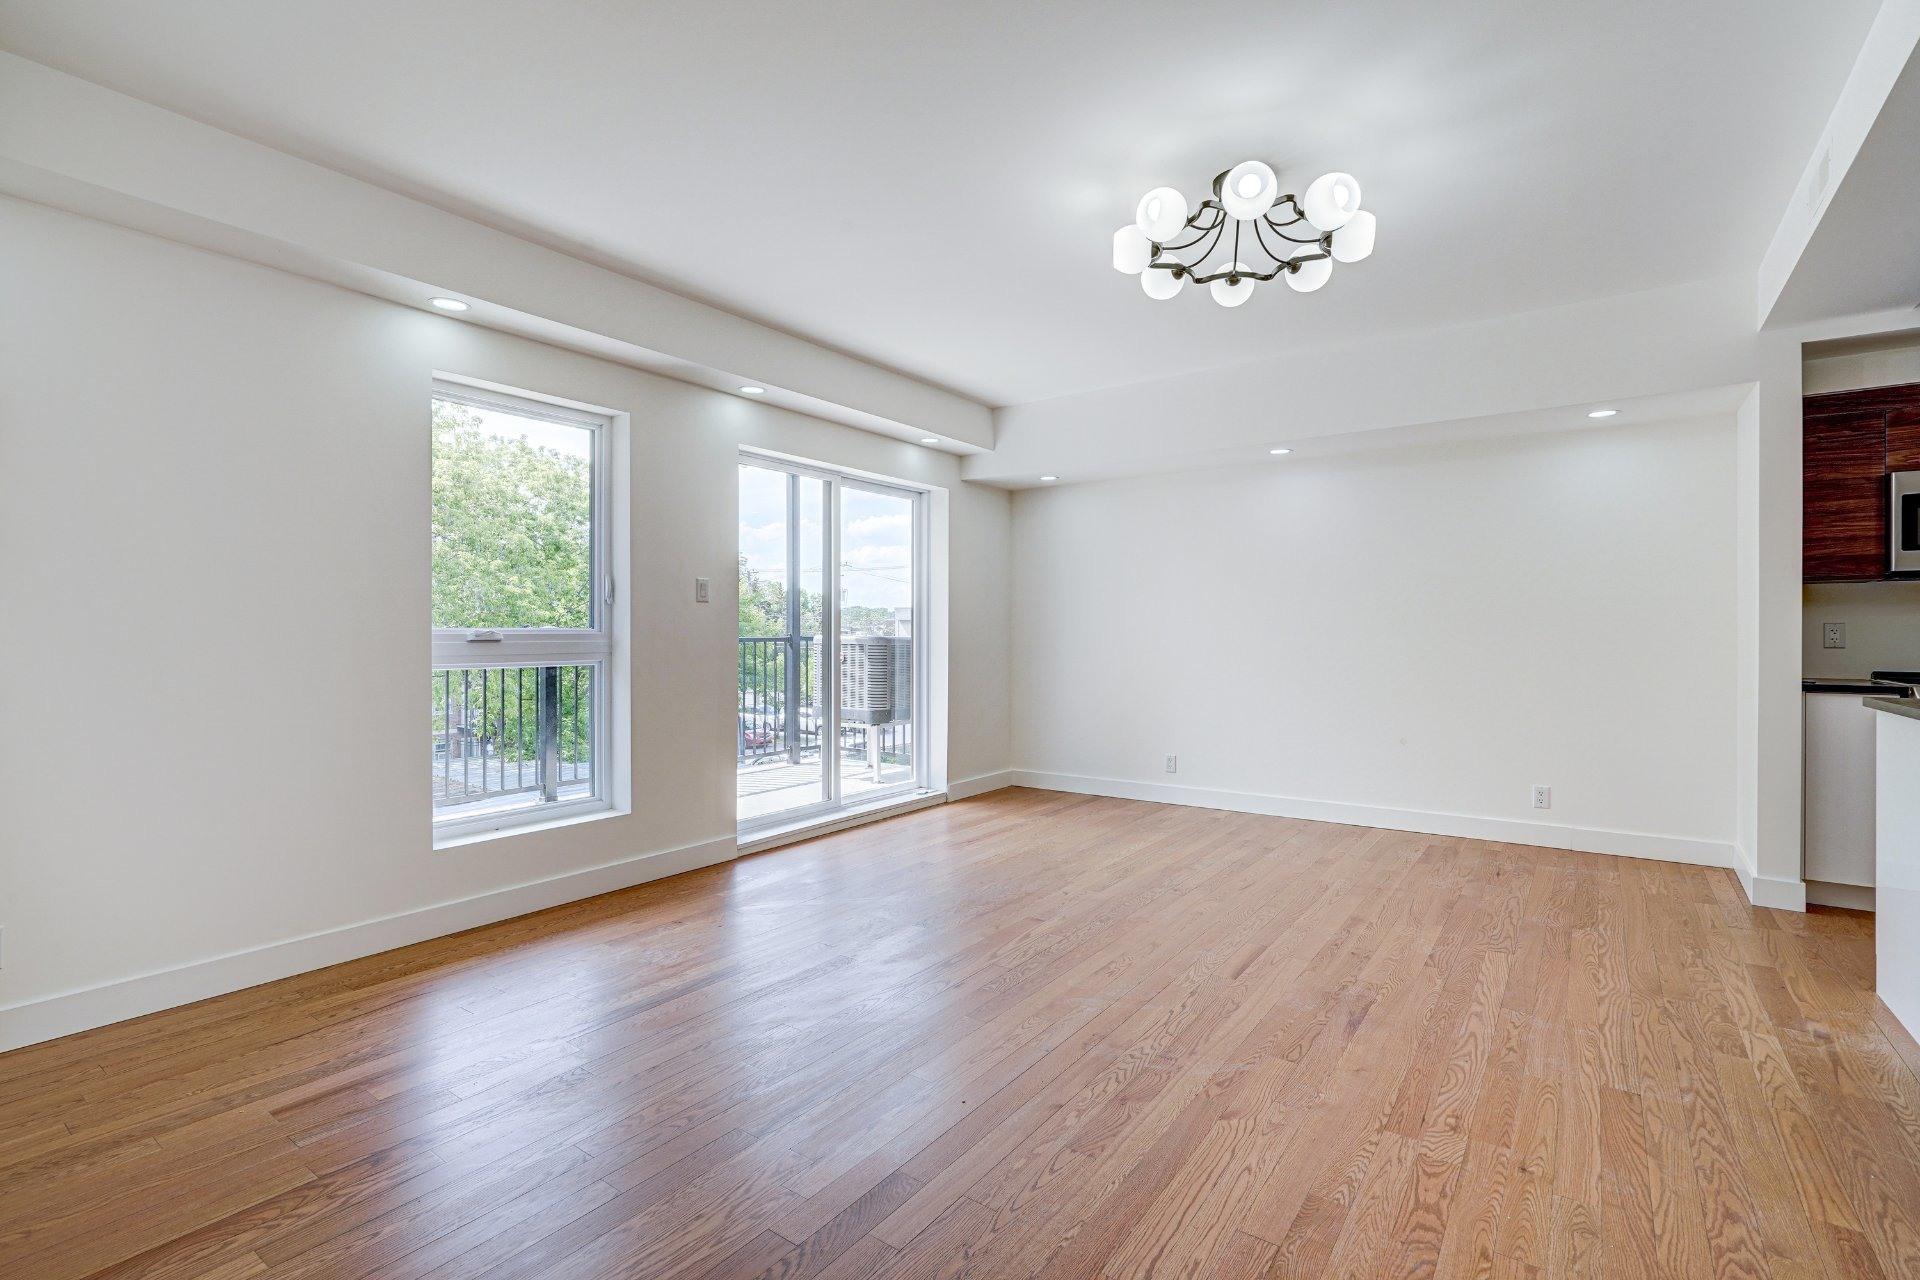 image 16 - Apartment For sale Lachine Montréal  - 6 rooms